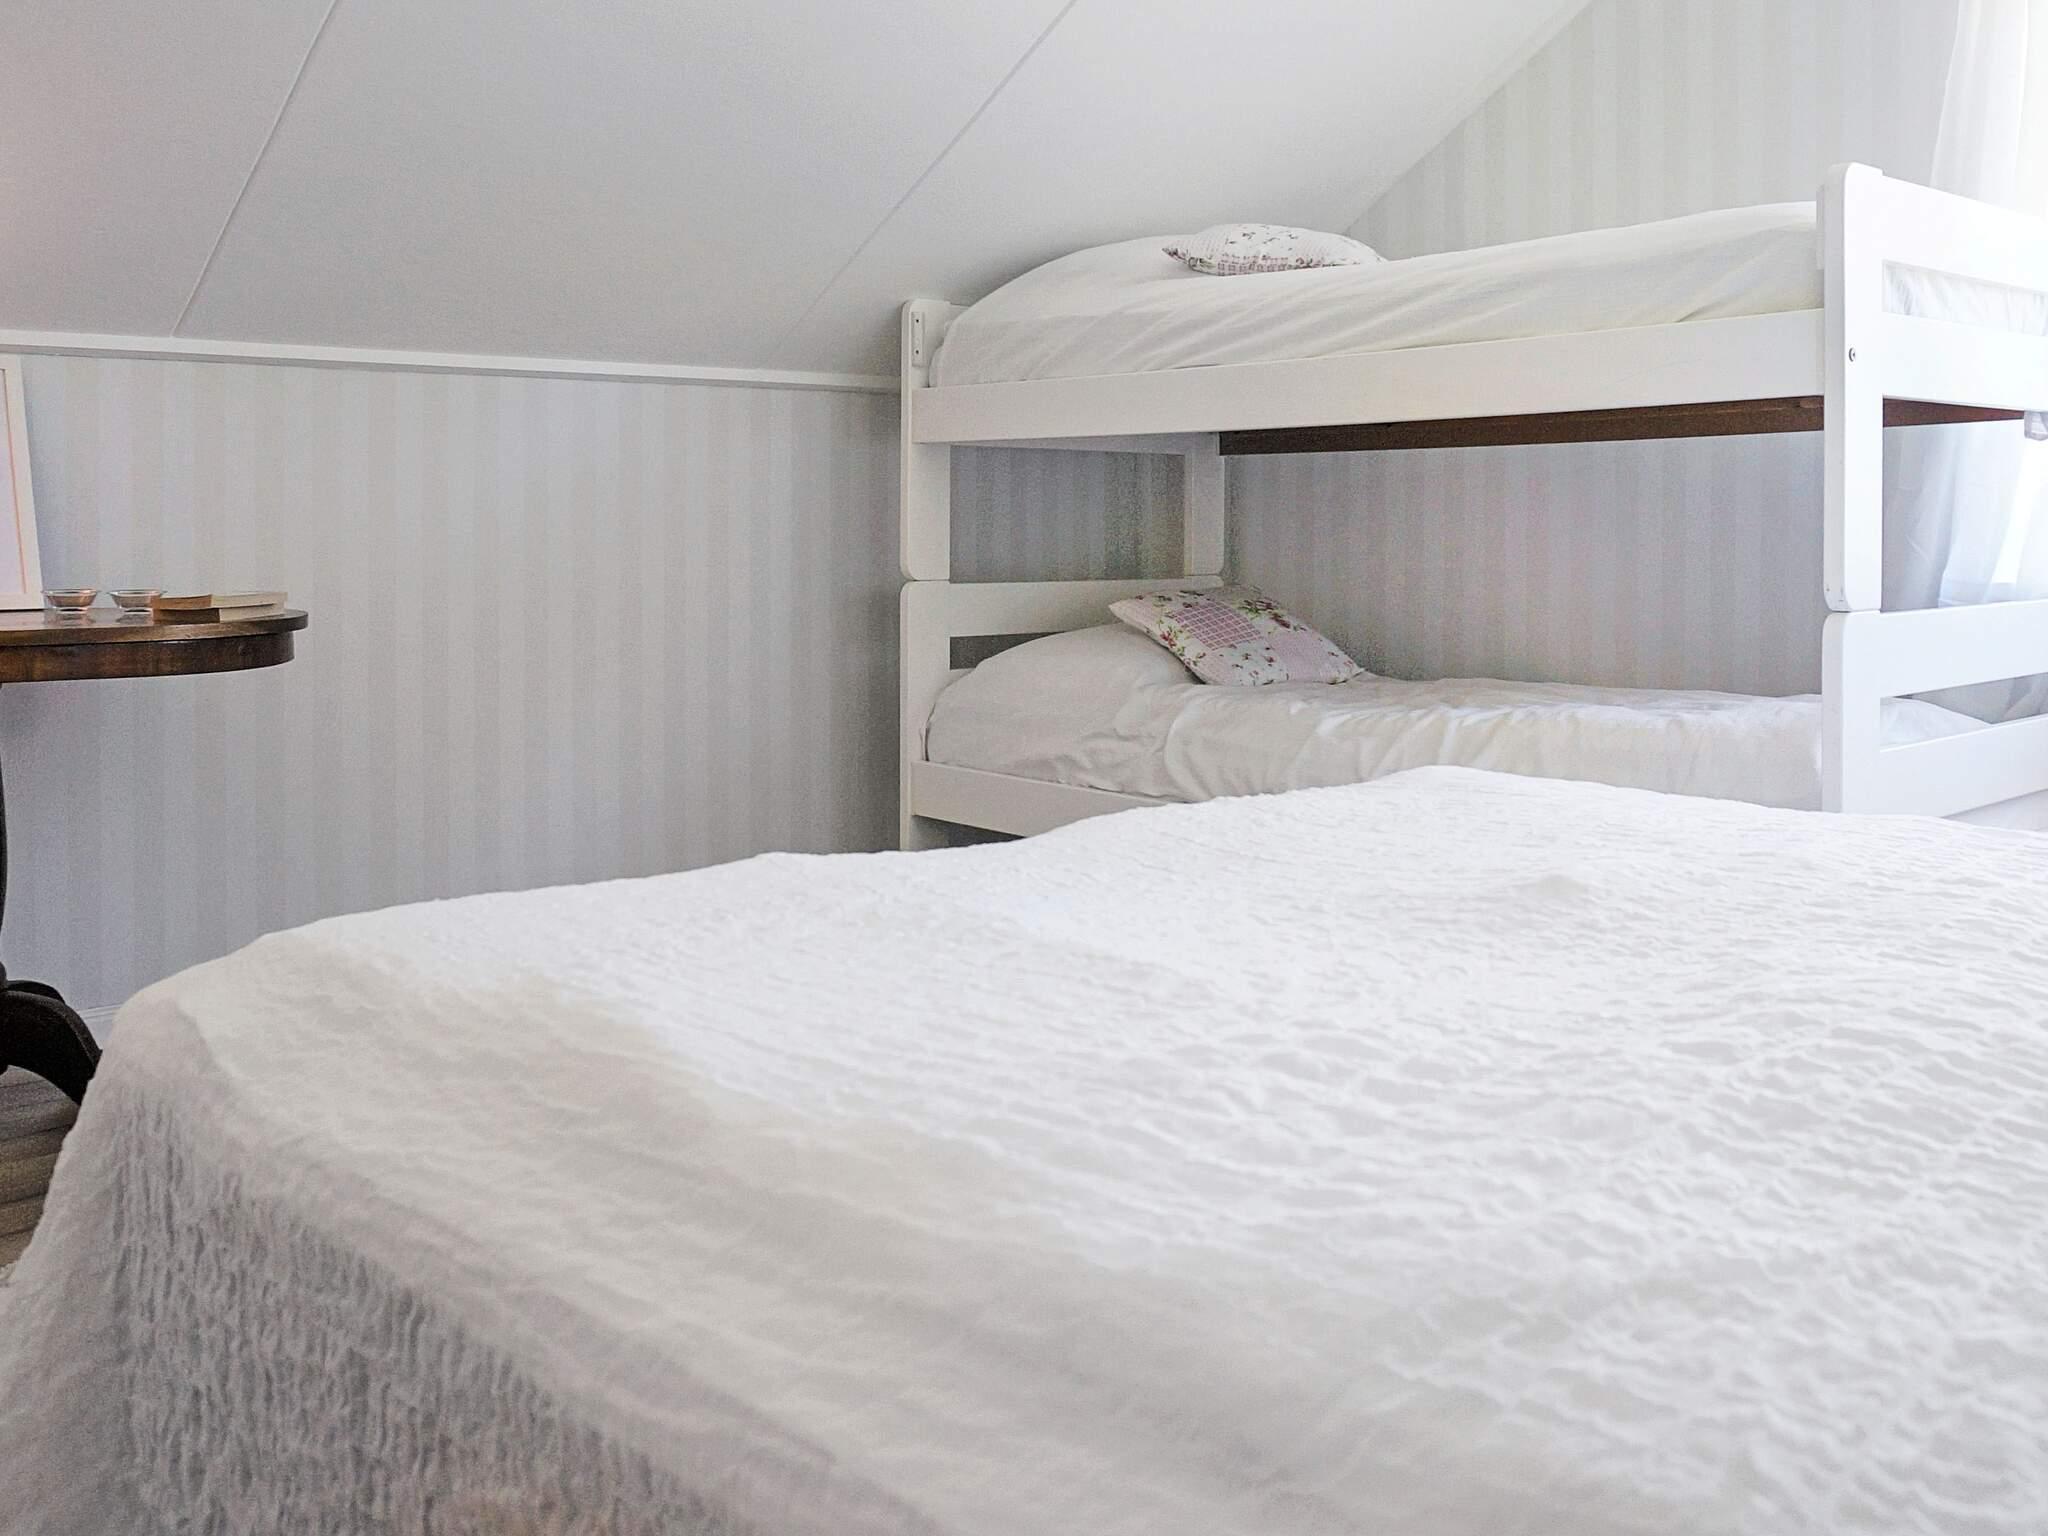 Ferienhaus Hova (432882), Hova, Västra Götaland län, Westschweden, Schweden, Bild 32